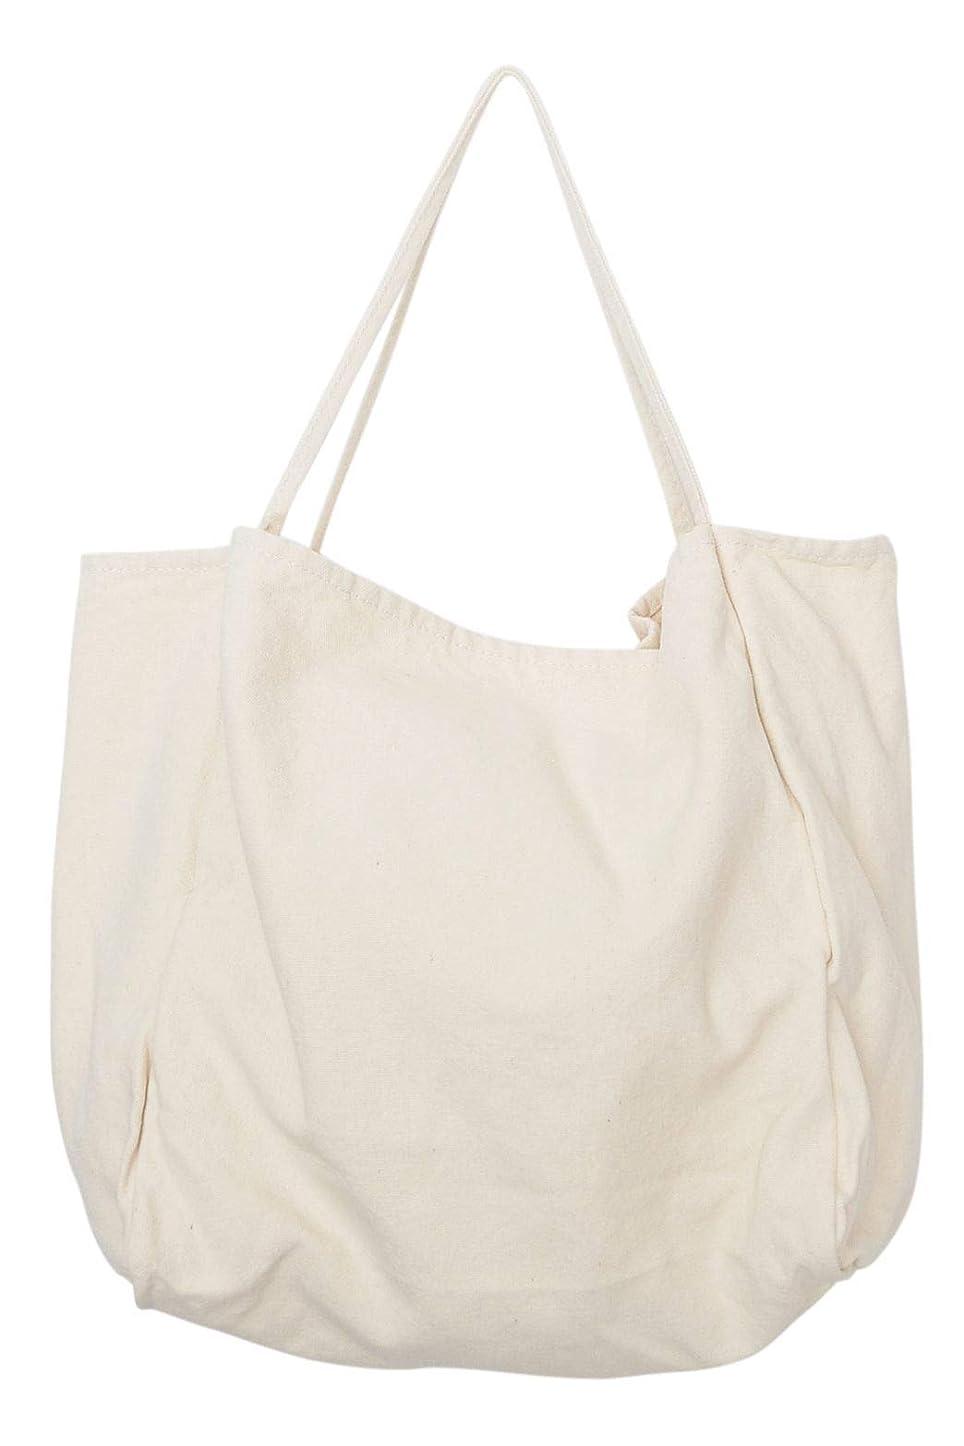 乳白トライアスロン十分です(カービーズ) curvy's トートバッグ レディース トートバック トート バッグ カバン 鞄 バック bag キャンバスバッグ キャンバス